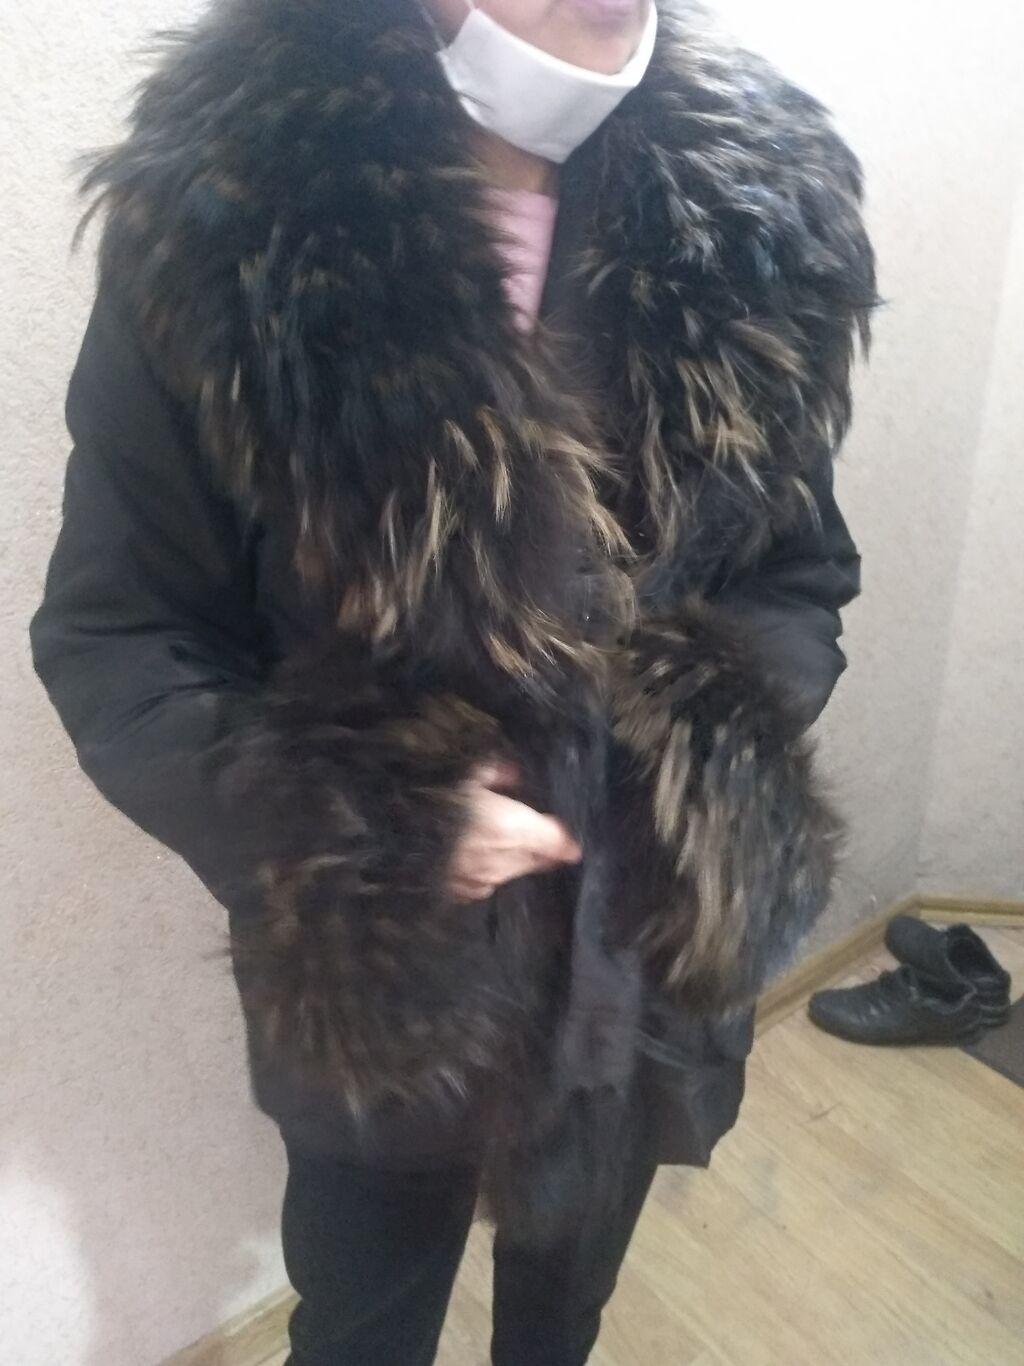 Продается пихора на зиму. Мех - чернобурка, мех на воротнике и рукавах: Продается пихора на зиму. Мех - чернобурка, мех на воротнике и рукавах